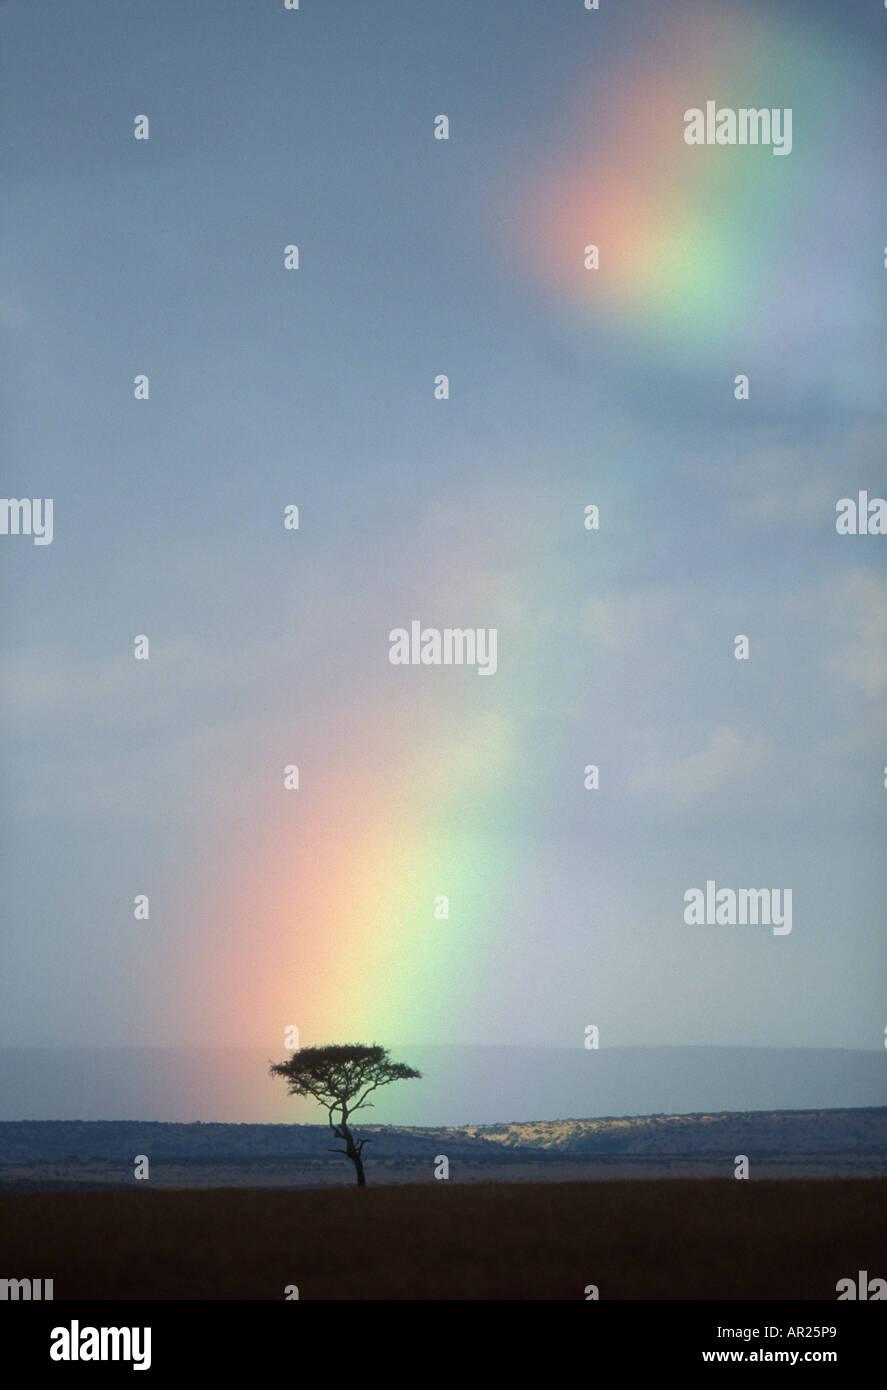 África Kenia la reserva Masai Mara Rainbow formas entre las nubes de lluvia encima de acacia solitaria en la sabana al atardecer Imagen De Stock